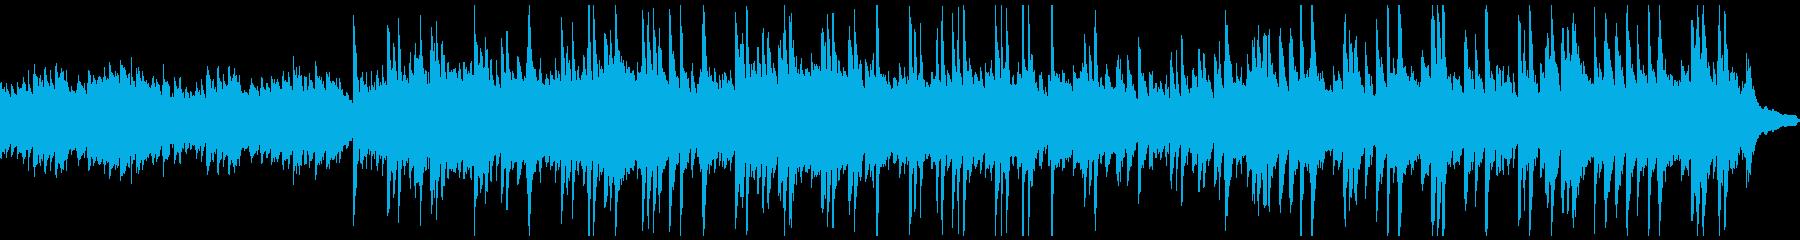 儚い・ピアノソロ/ゲーム・映像/M16の再生済みの波形